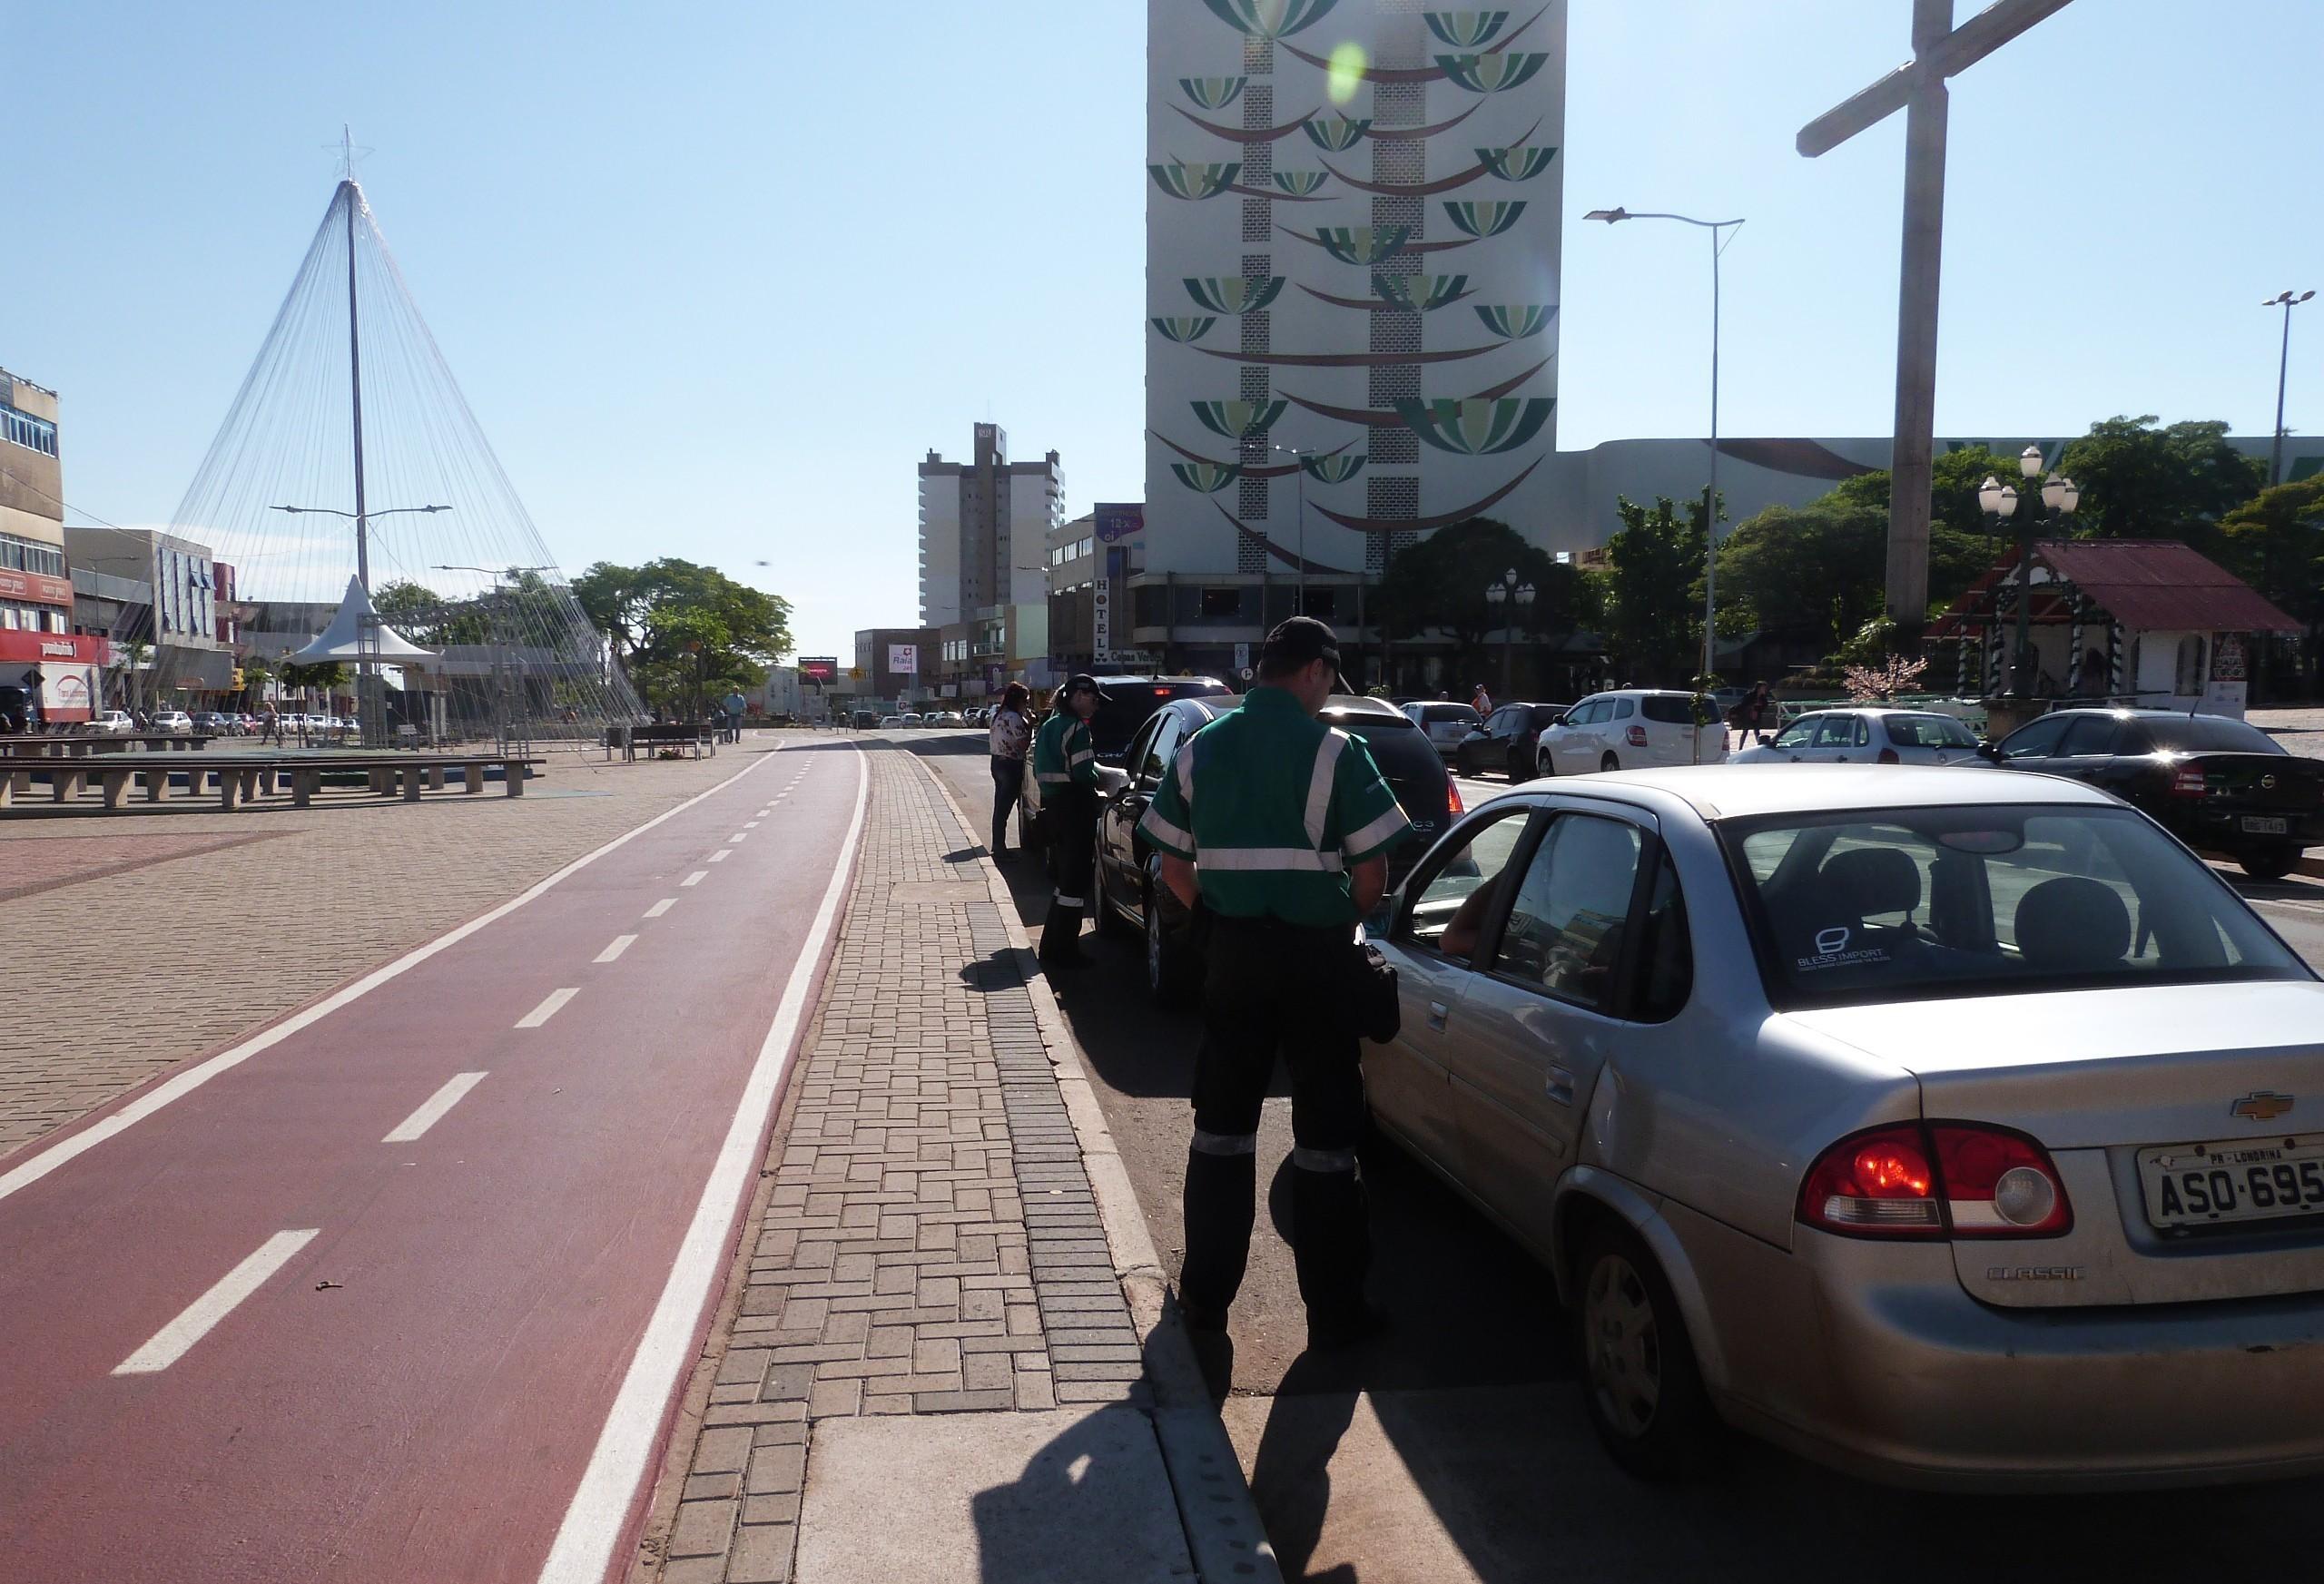 Falta de sincronização dos semáforos gera reclamações à Cettrans